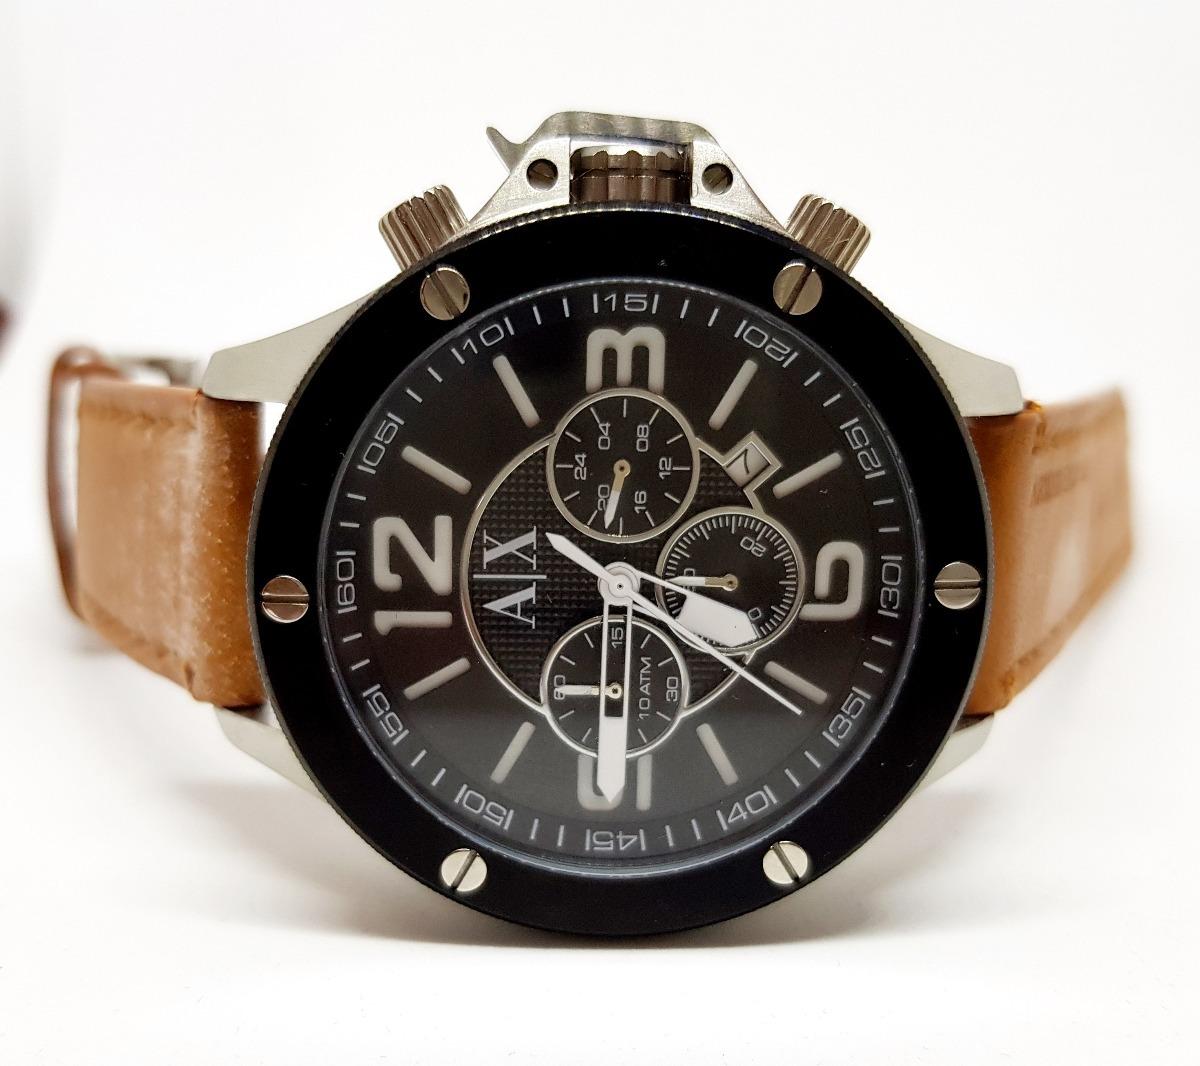 288b81945b2d6 relógio masculino empório armani ax1509 couro promoção. Carregando zoom.